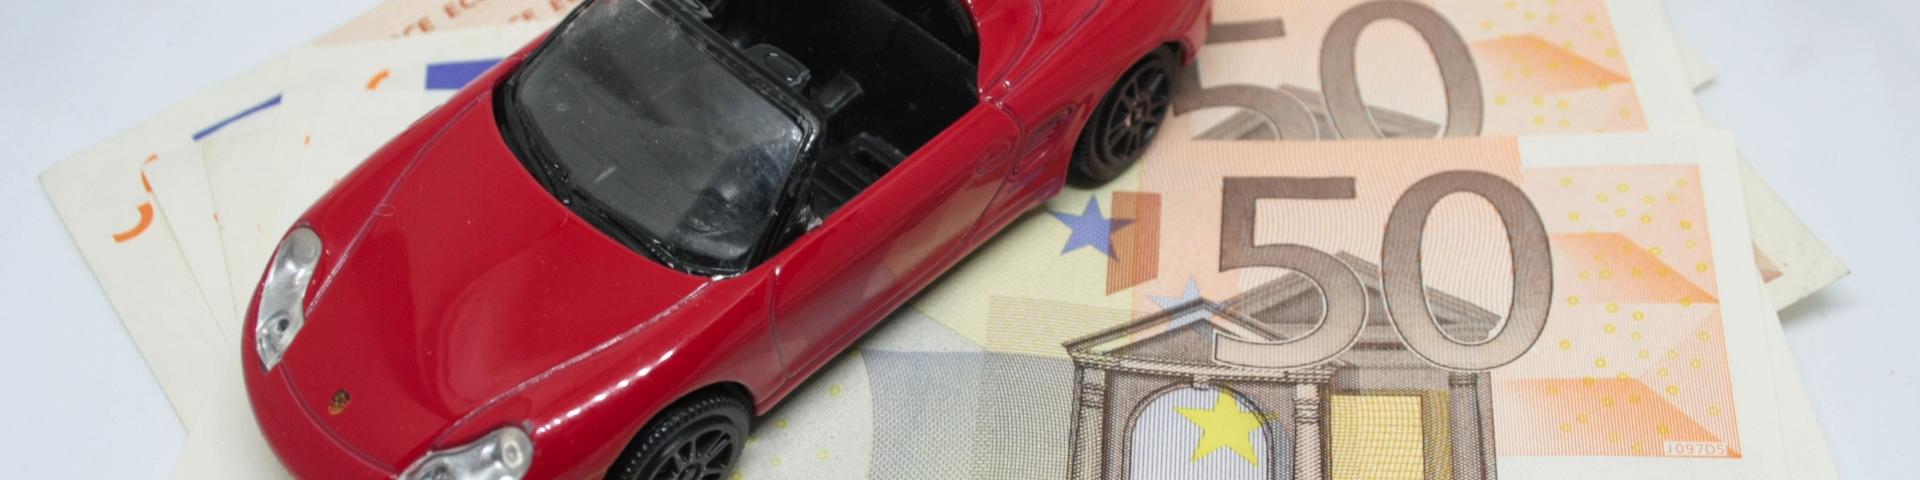 KFZ Versicherung vergleichen und sehr viel Geld sparen